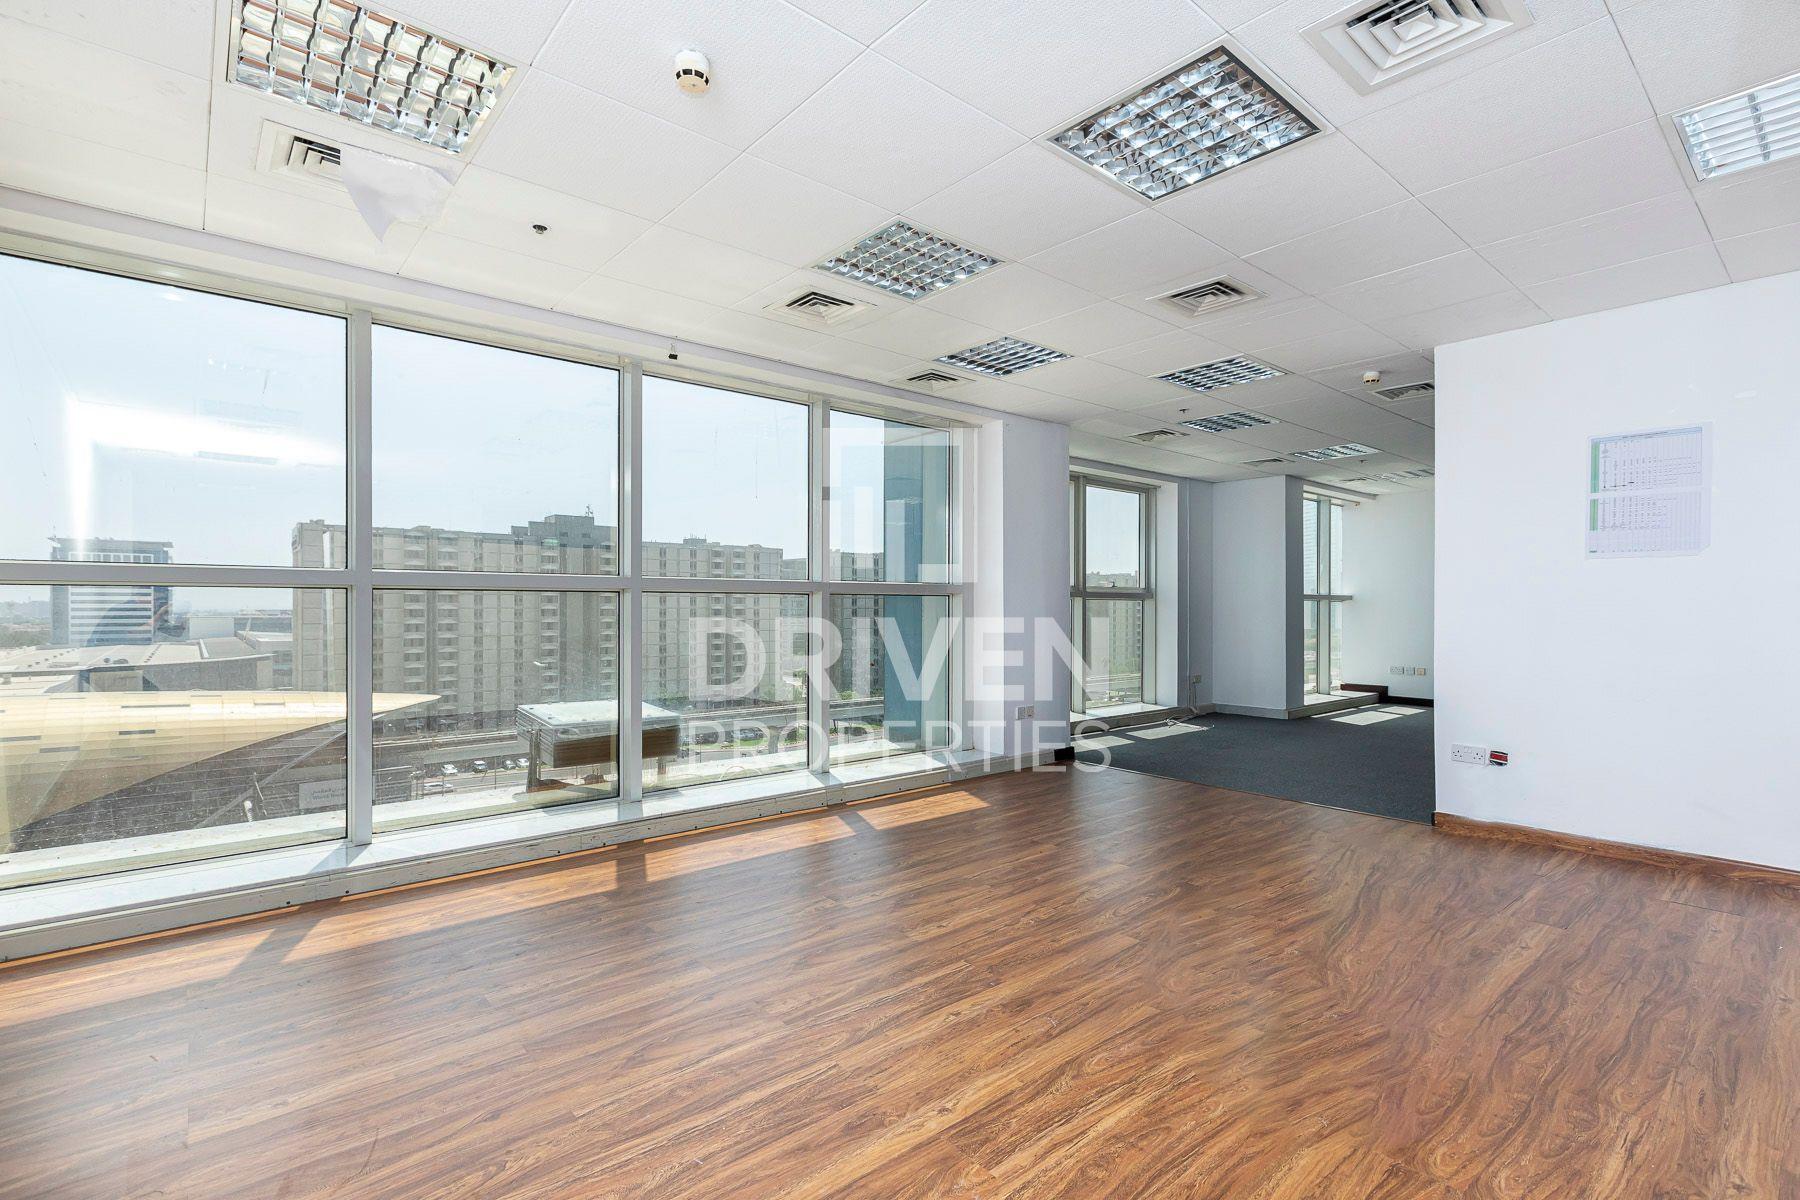 2,014 قدم مربع  مكتب - للايجار - شارع الشيخ زايد